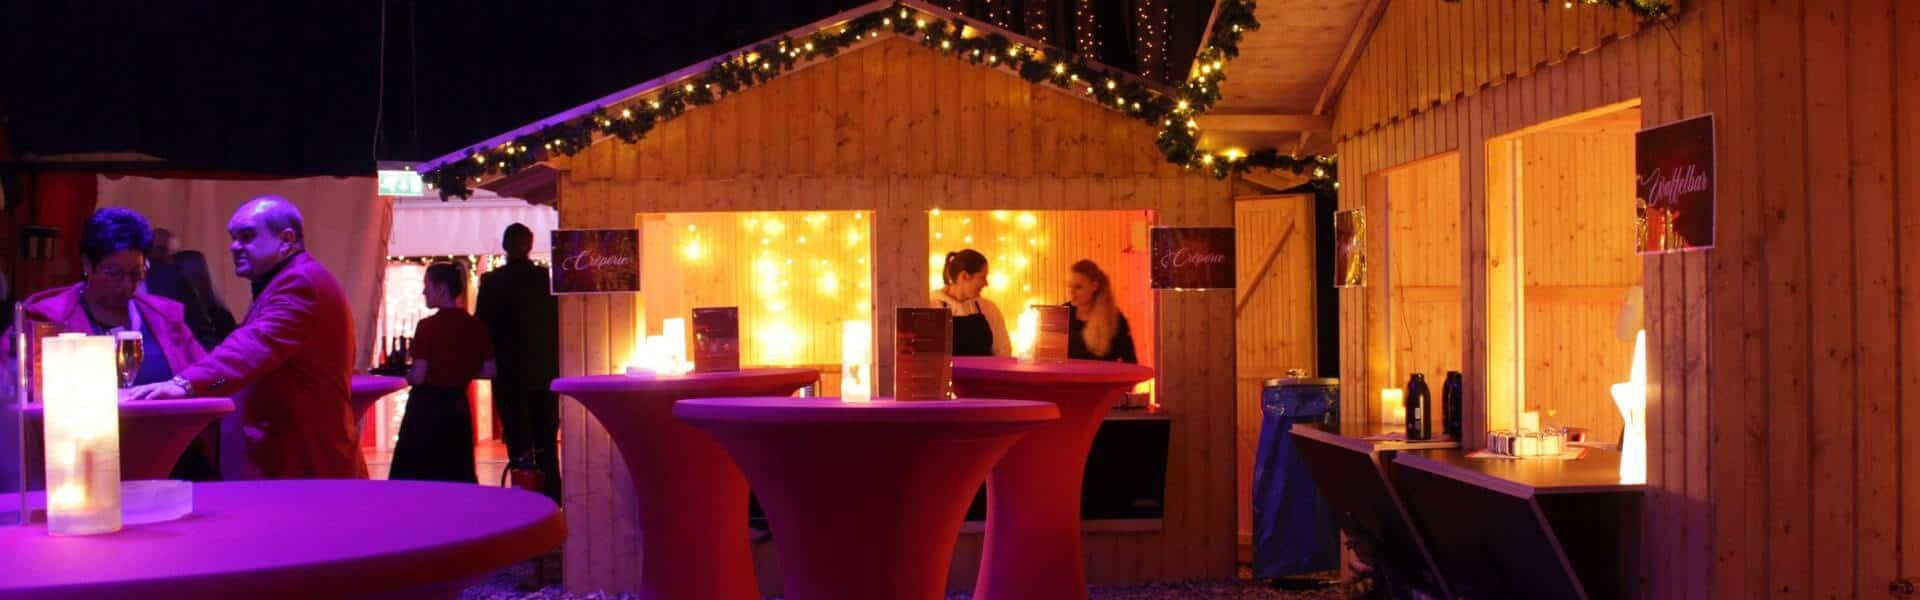 Mobile Après Ski Party auf Ihrem Firmengelände als Weihnachtsfeier Idee b-ceed